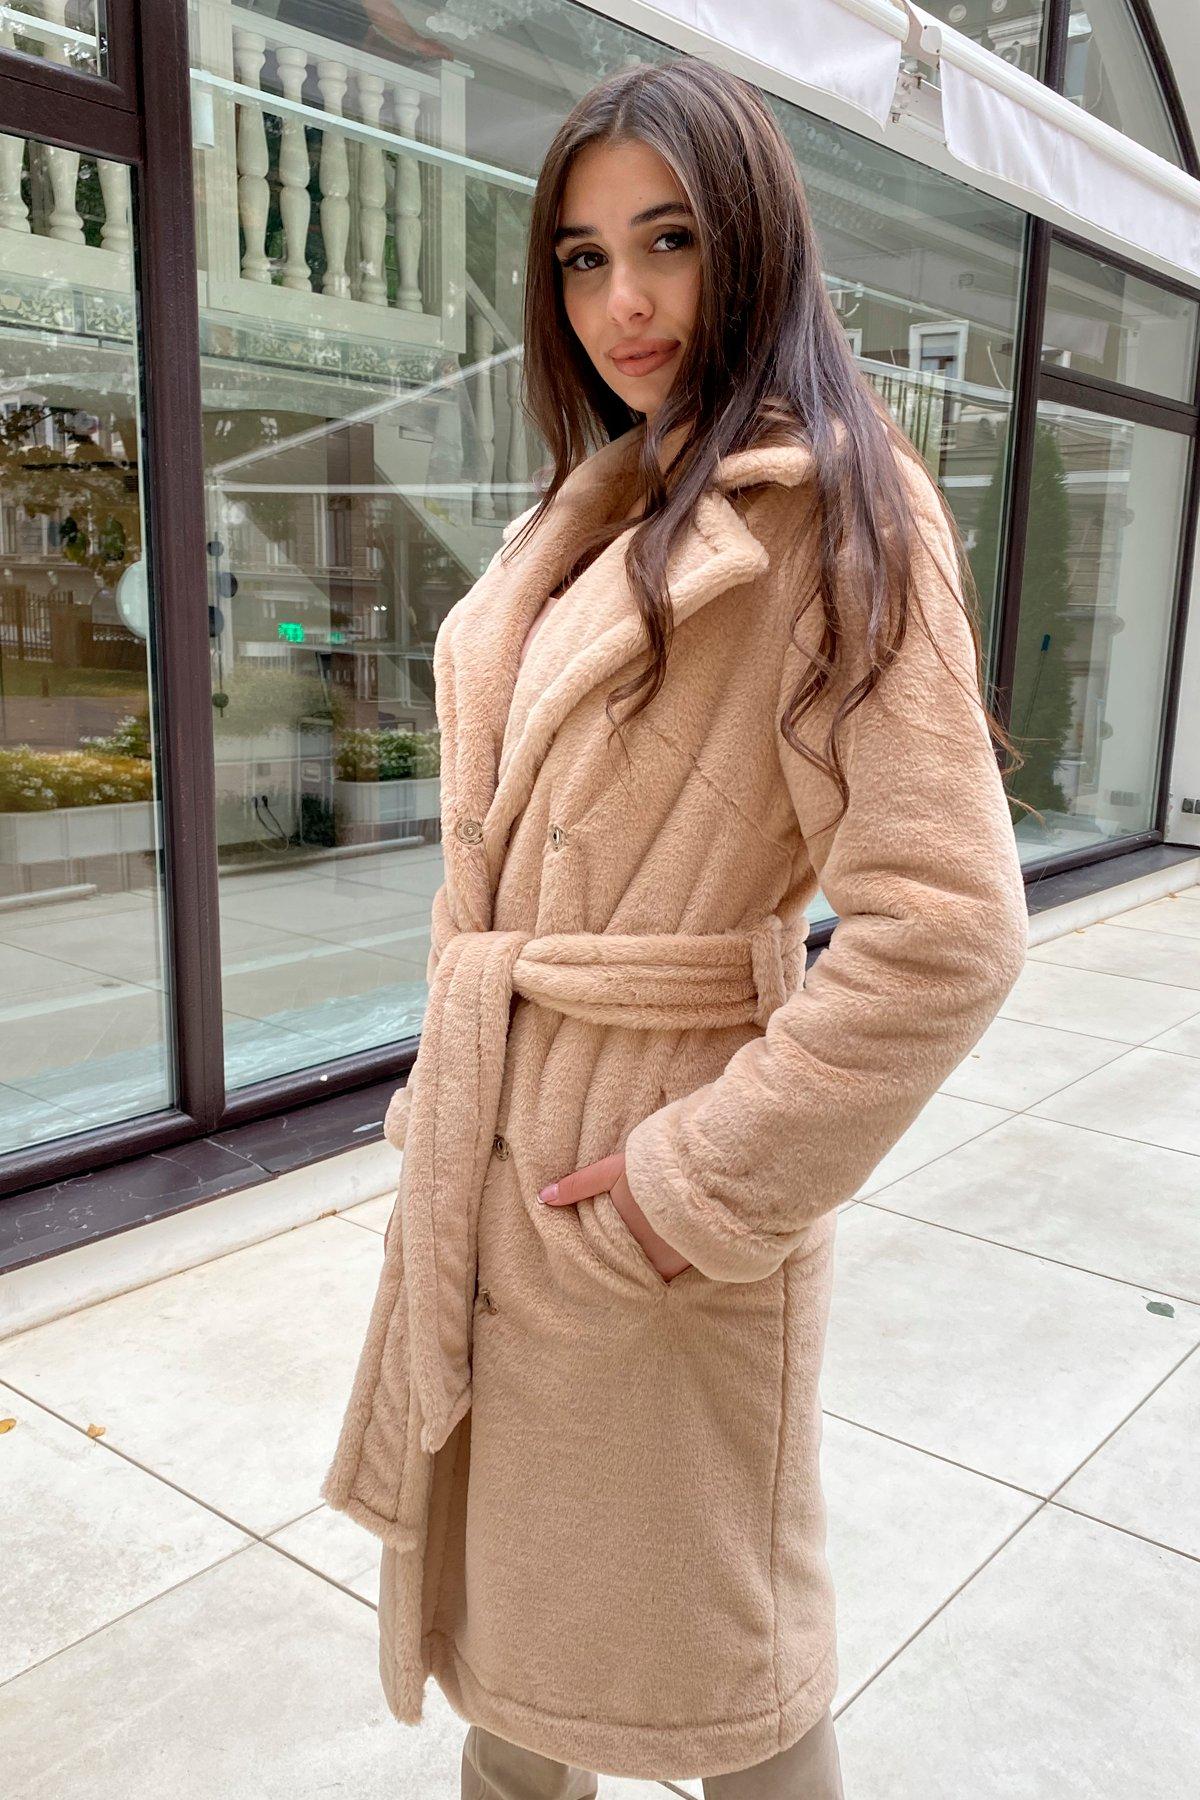 Зимнее пальто из искусственного меха норки Саманта 8641 АРТ. 44956 Цвет: Бежевый - фото 17, интернет магазин tm-modus.ru